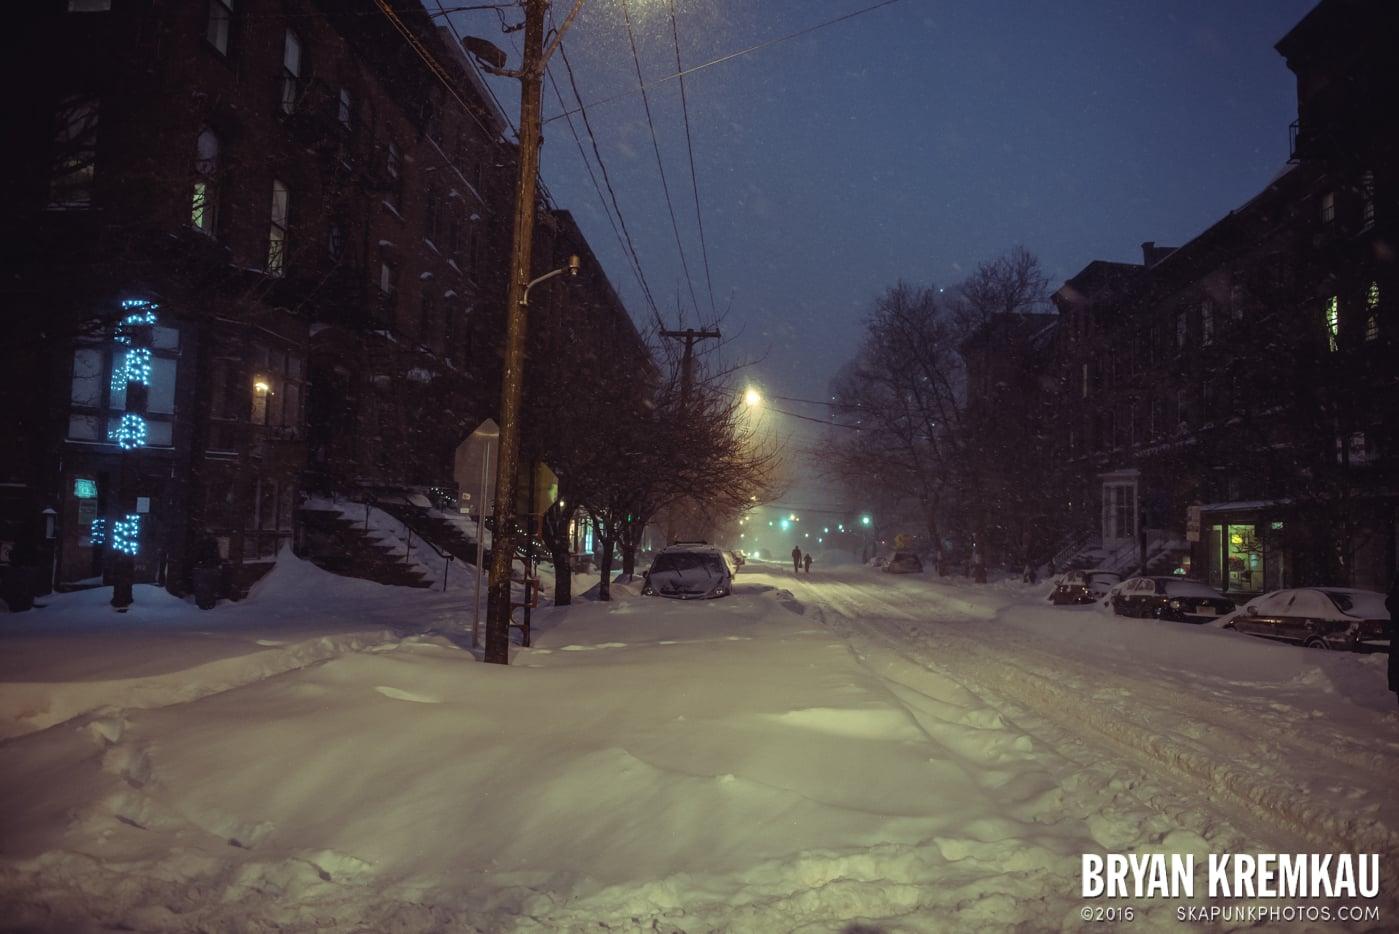 Blizzard 2016 in Jersey City, NJ - 1.23.16 (16)